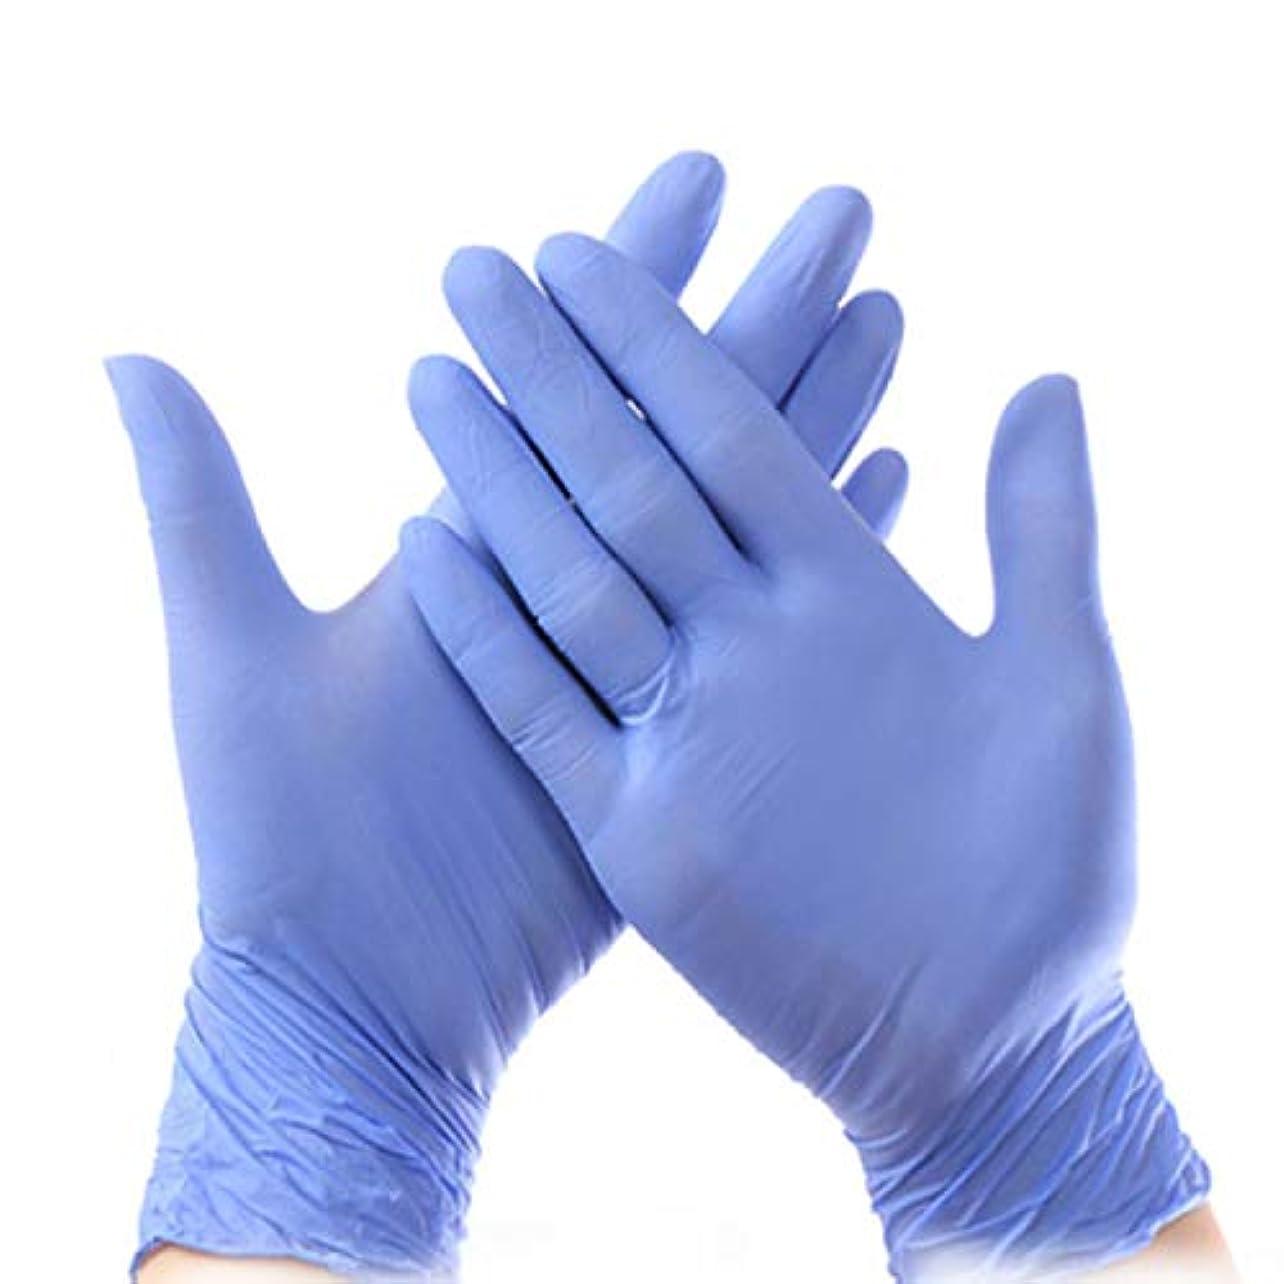 収容する容疑者ツール使い捨て手袋 ニトリル工業用手袋、パウダーフリー、使い捨て食品安全、パープル、ラテックスフリー、100個入り ニトリルゴム手袋 (Color : Purple, Size : S)